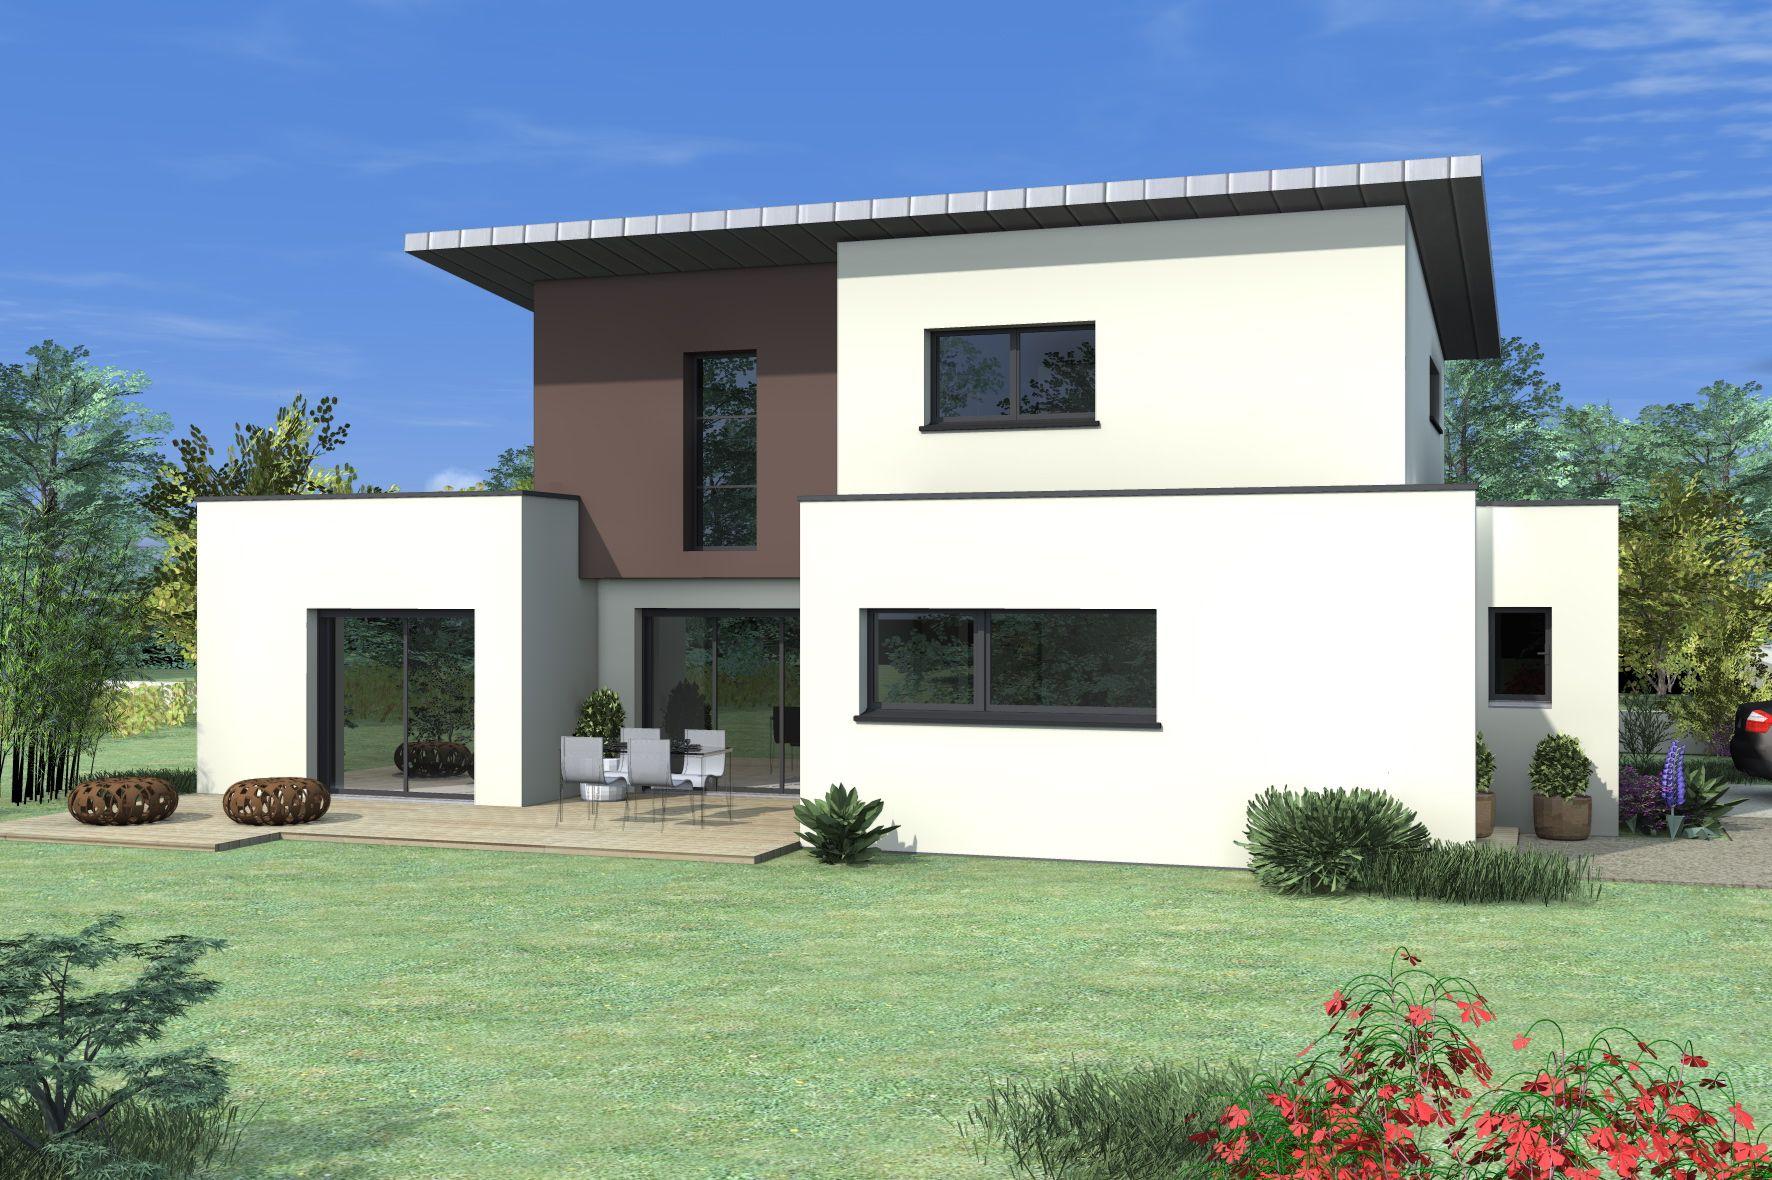 Maison au toit plat et aux lignes cubiques elle s duit aussi par son enduit - Construction toit plat ...